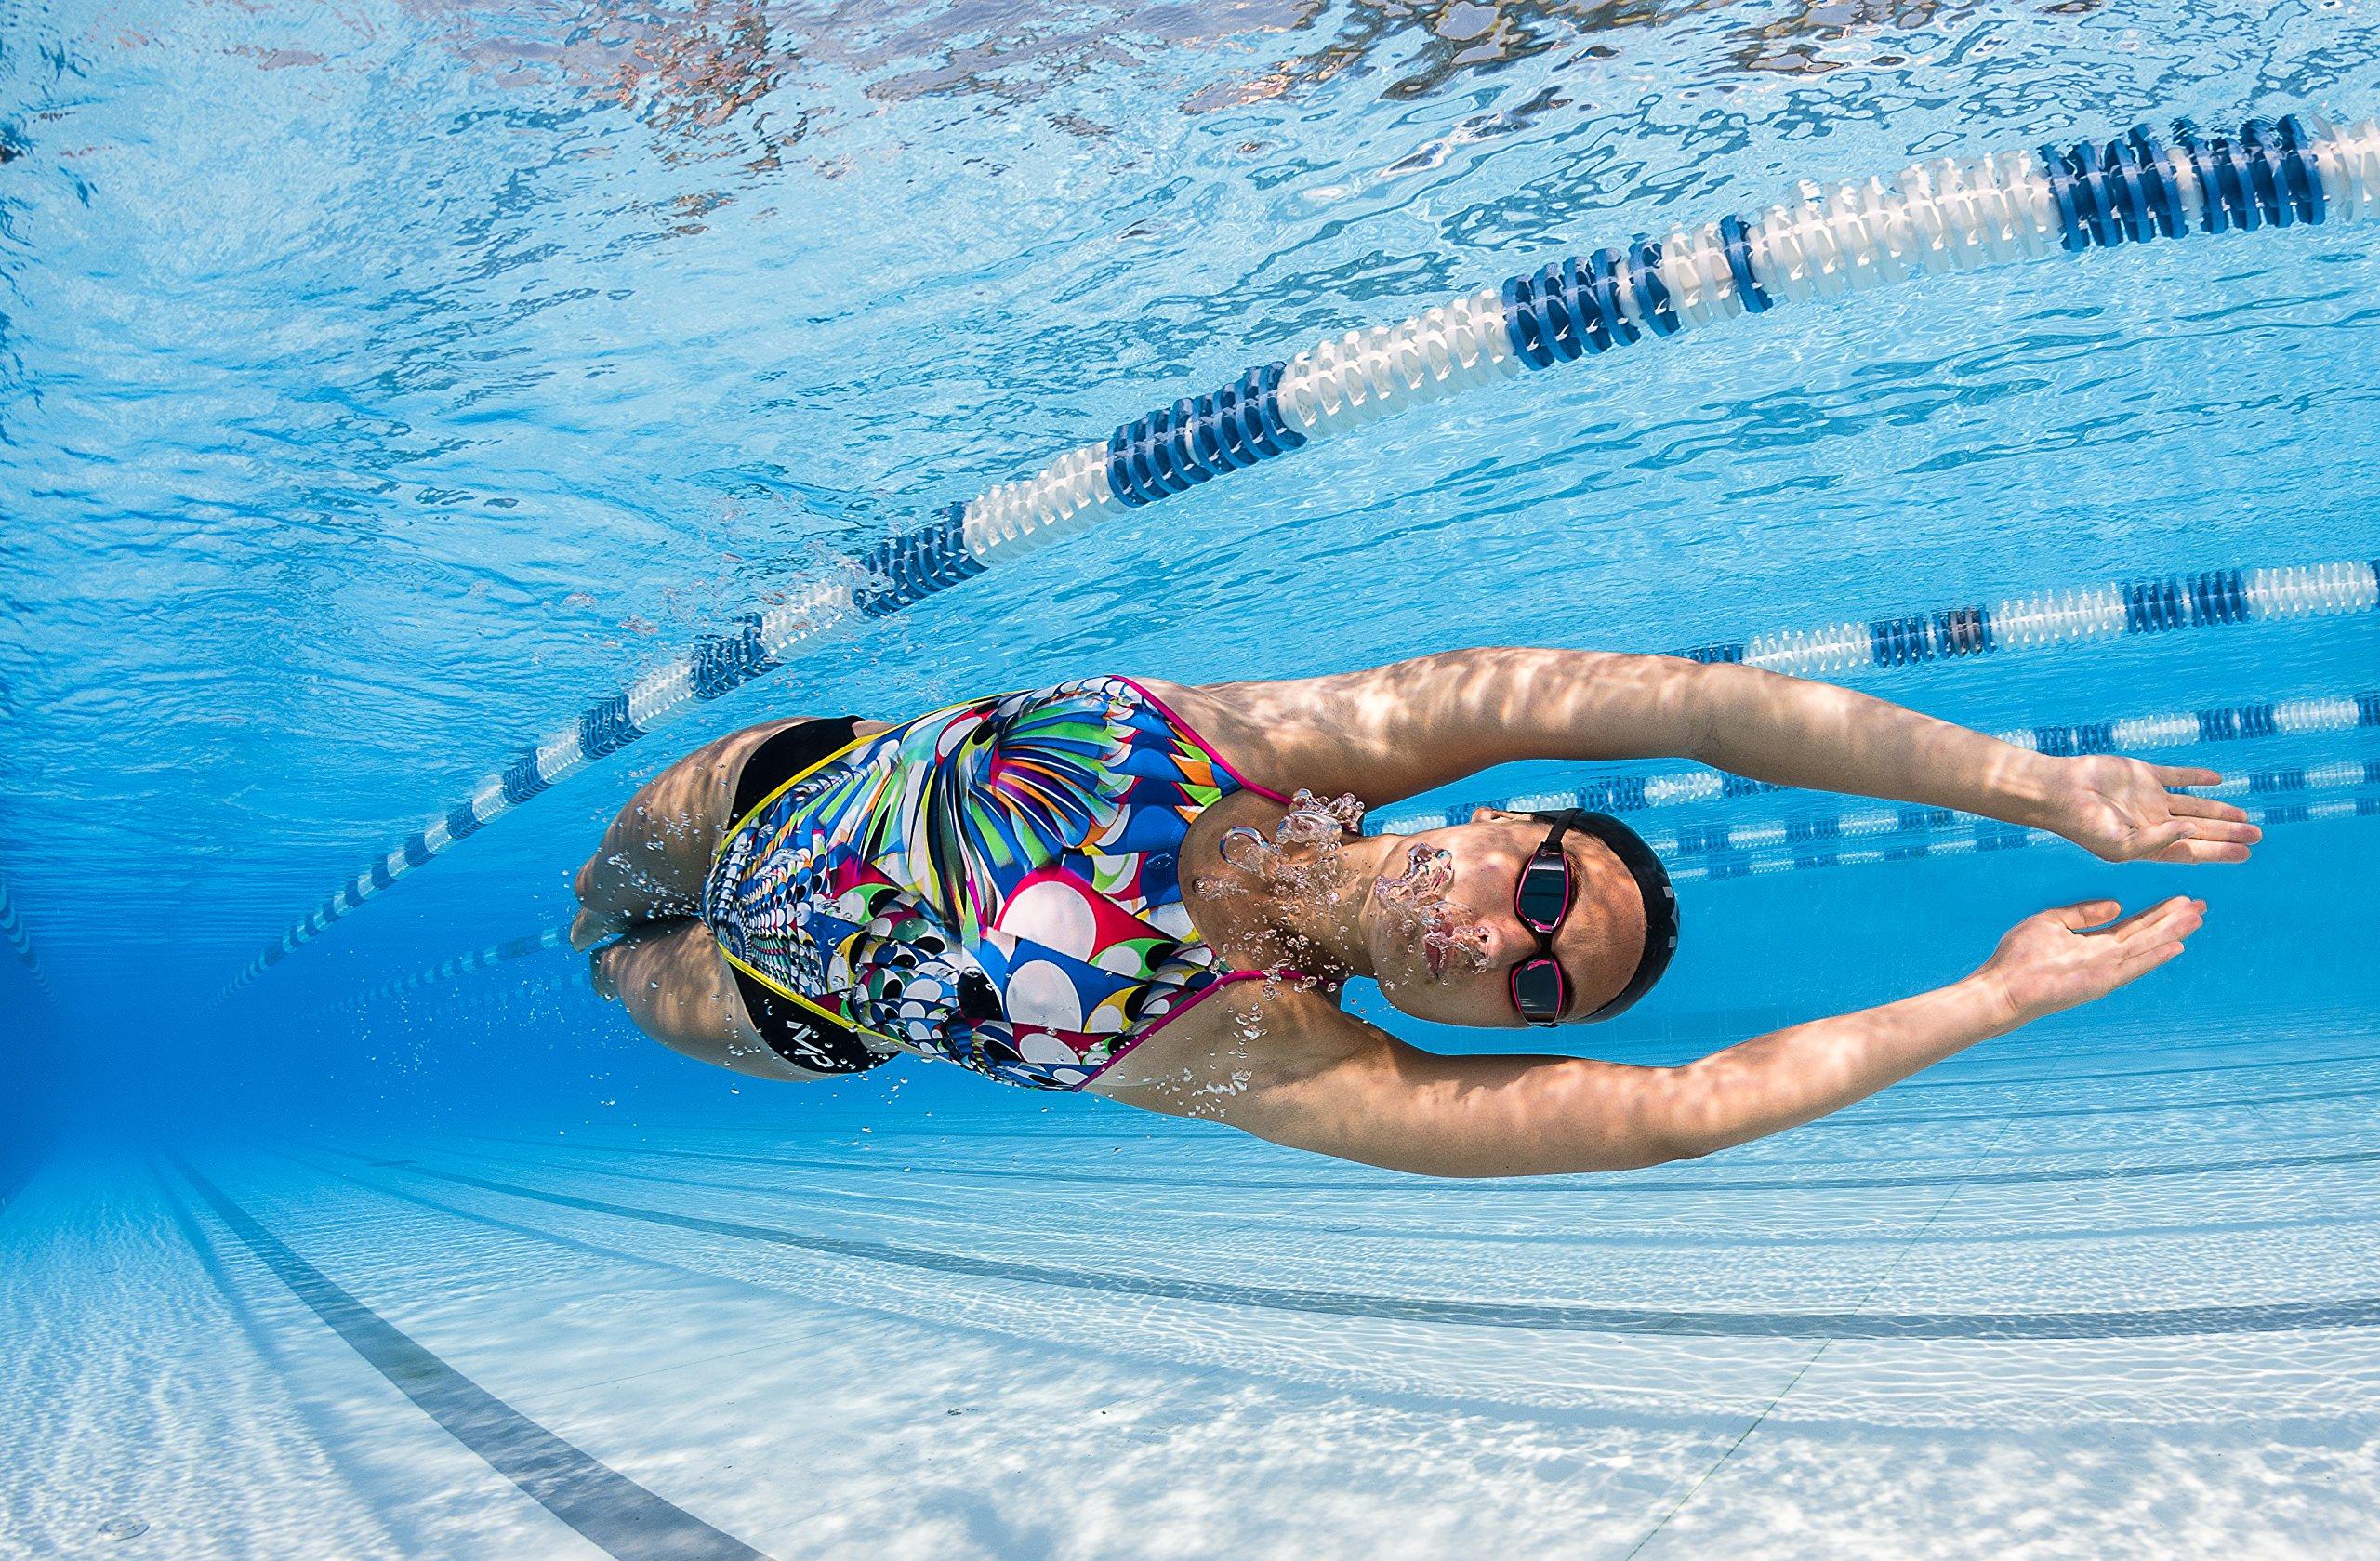 MP Michael Phelps Gafas de natación Xceed Aqua Sphere: Amazon.es: Deportes y aire libre